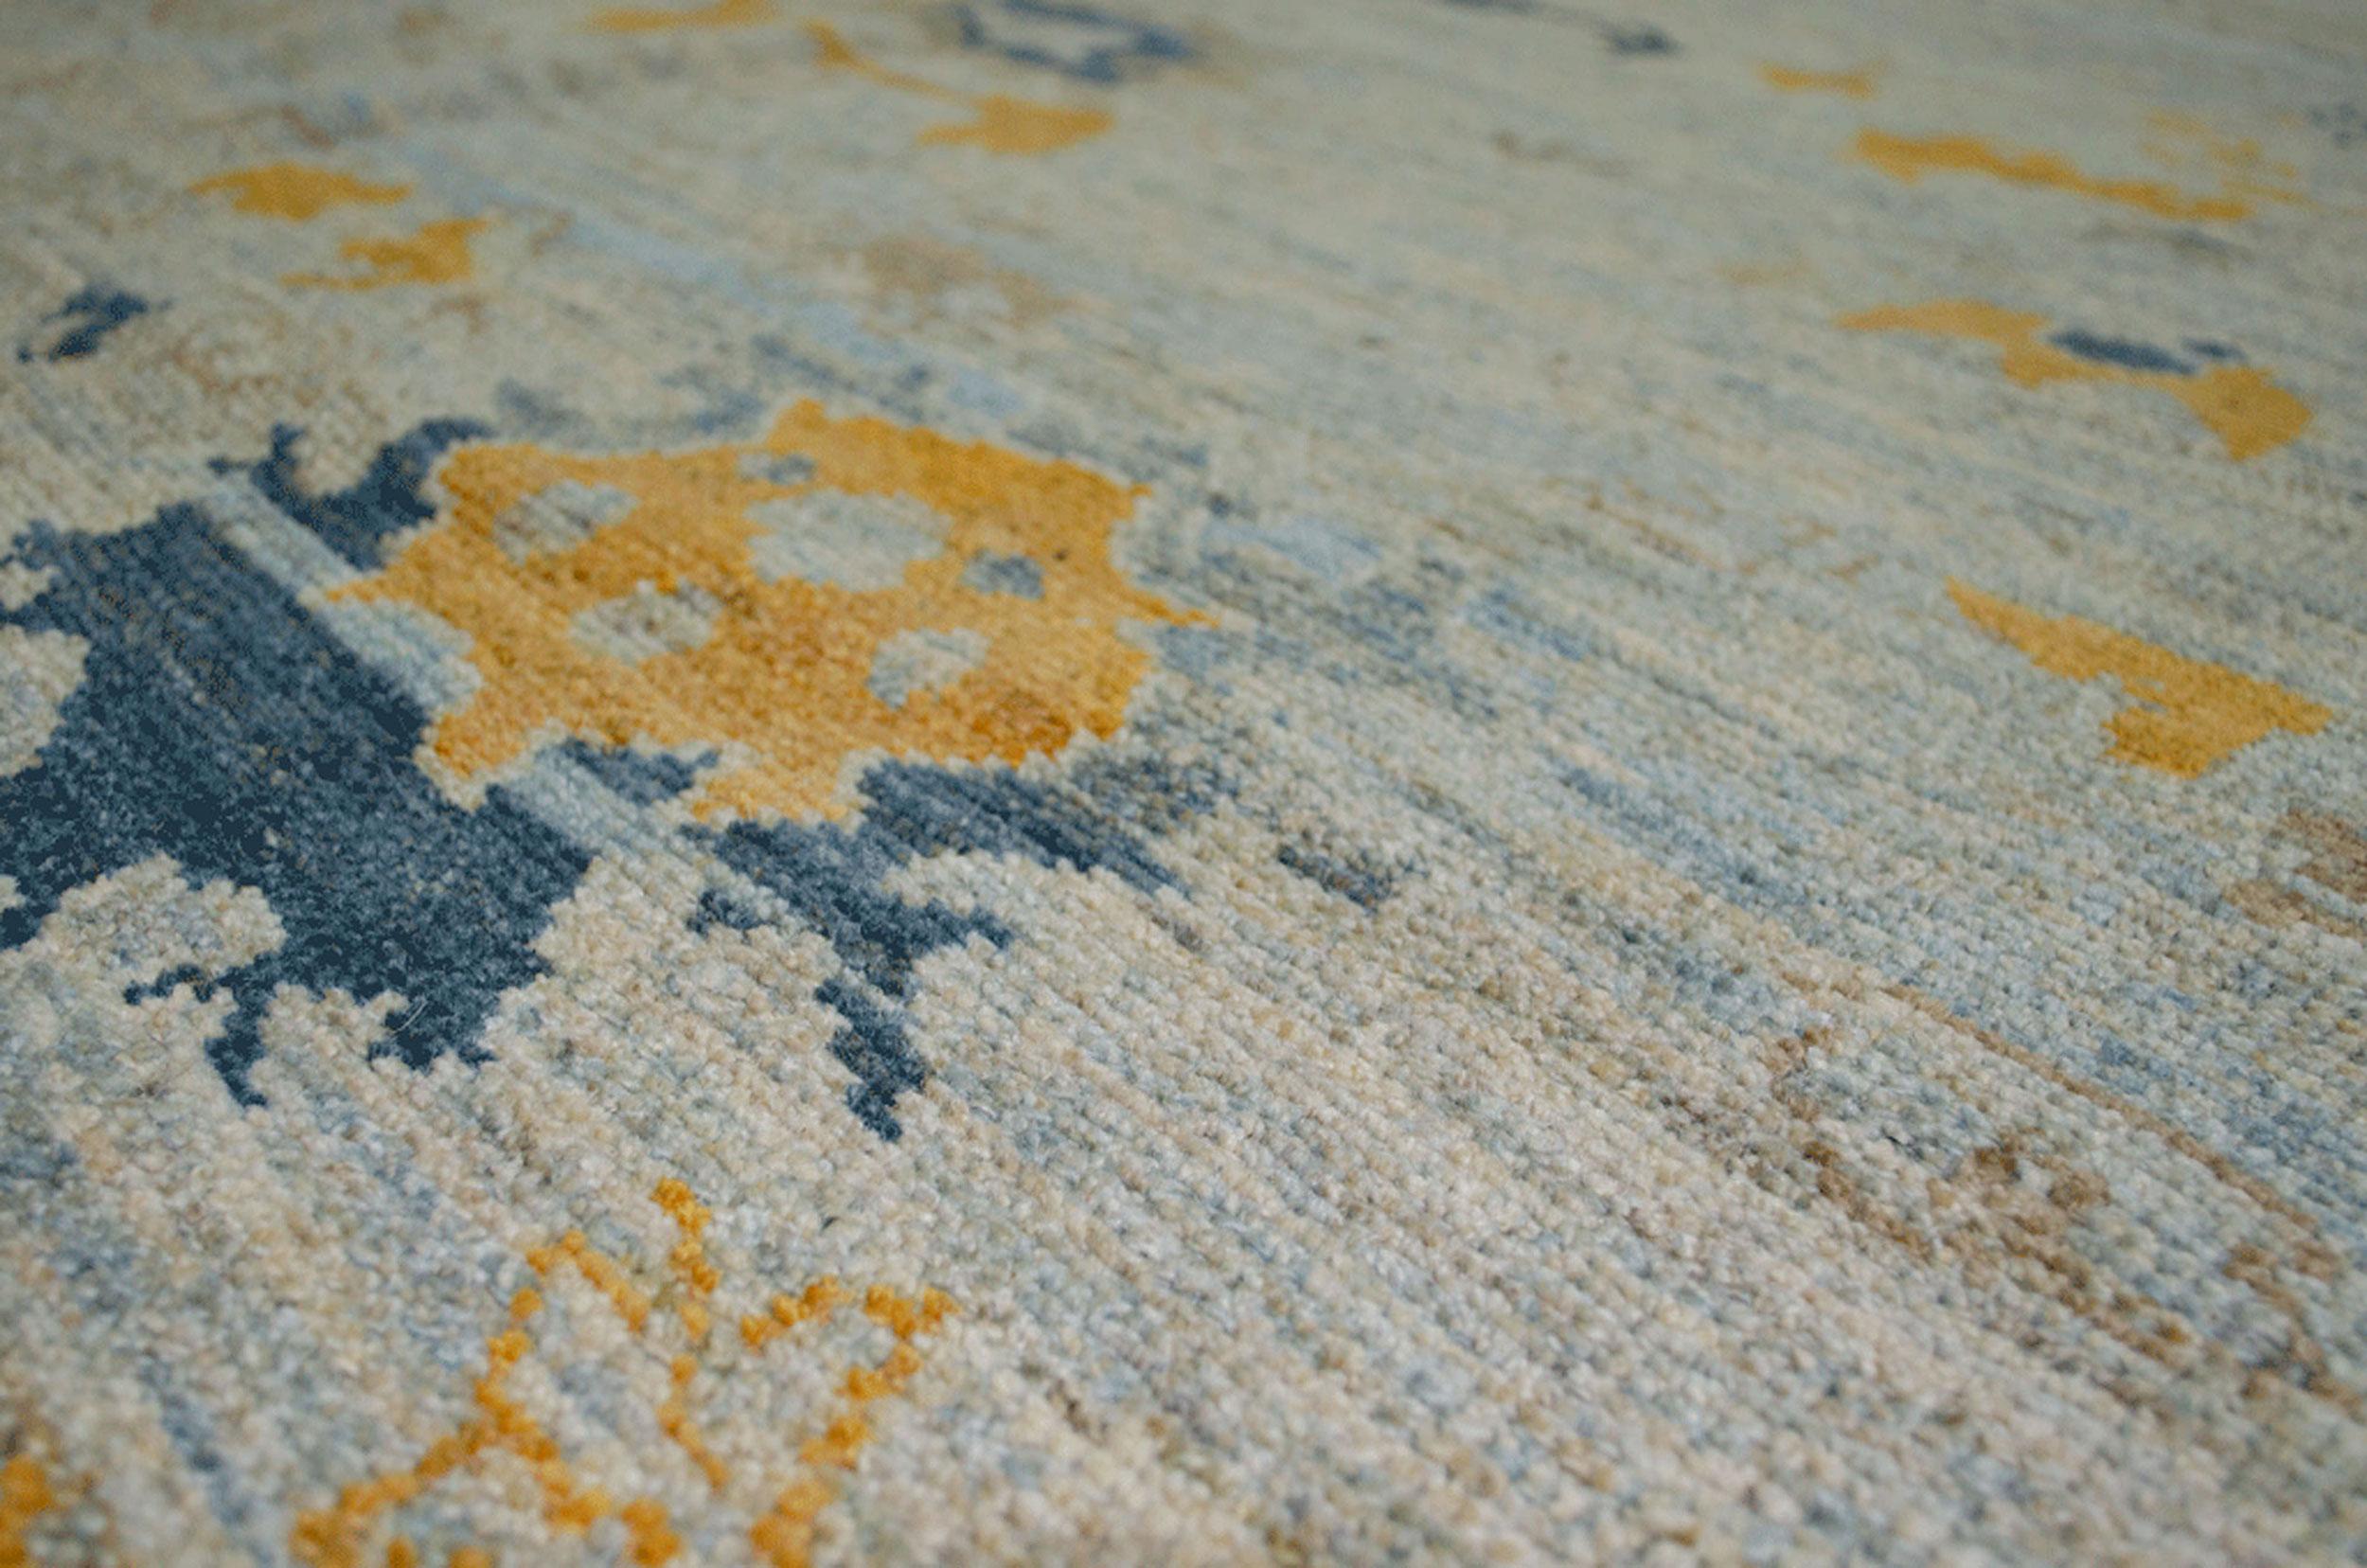 Antique Finished Ushak Carpet 305x240cm